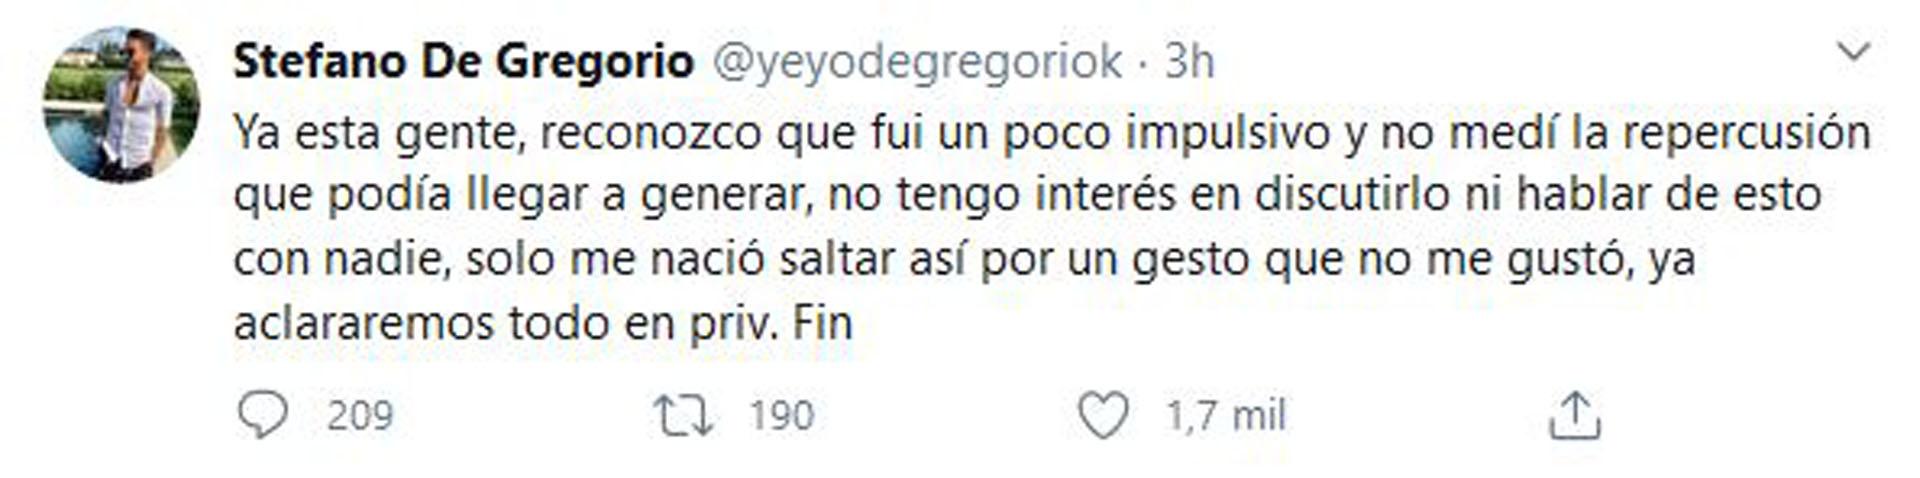 El actor publicó este mensaje después de borrar sus tuits anteriores (Foto: Twitter)